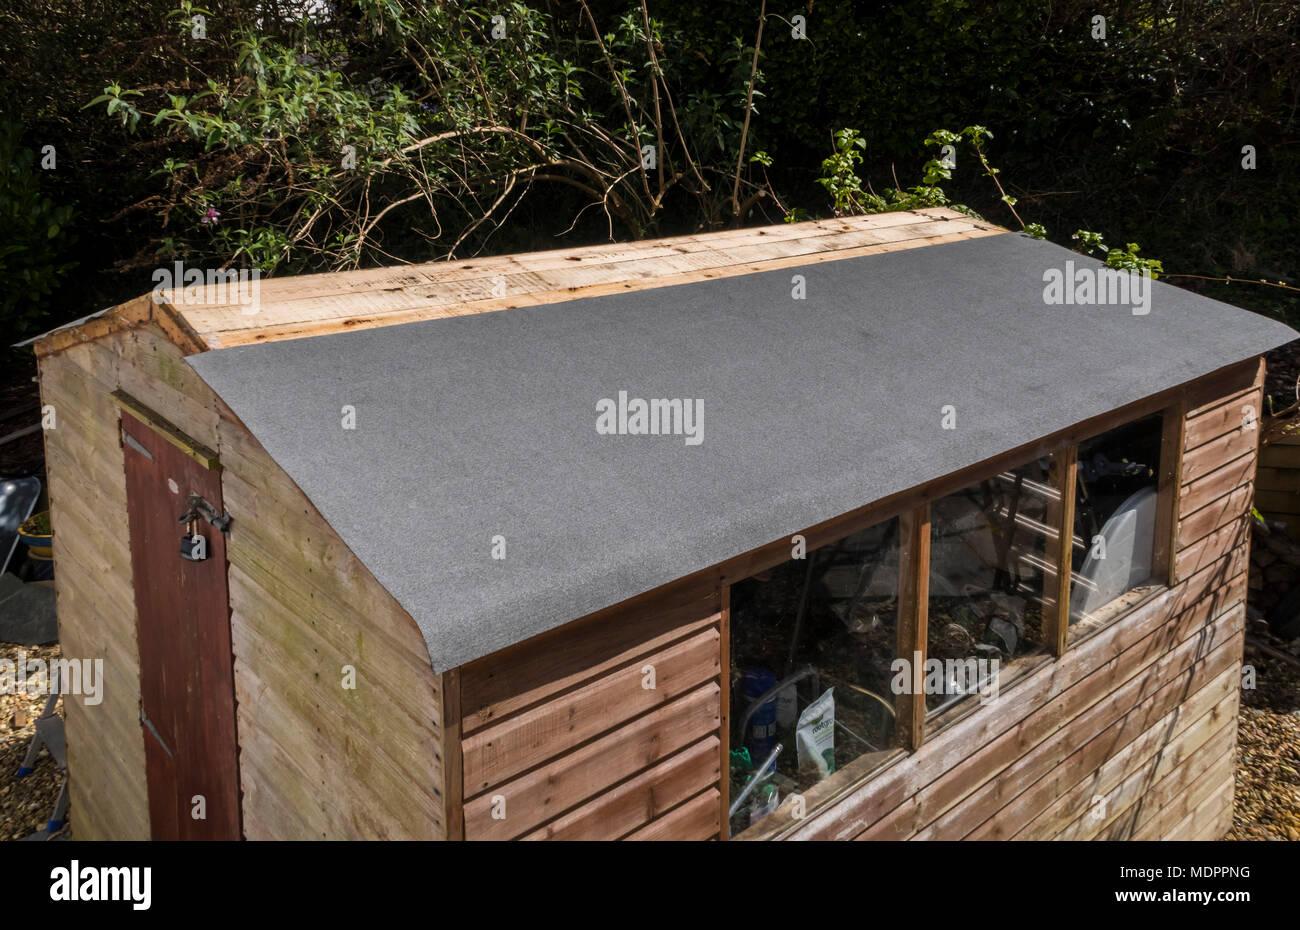 Refaire Un Toit D Abri De Jardin feutre de toiture photos & feutre de toiture images - alamy